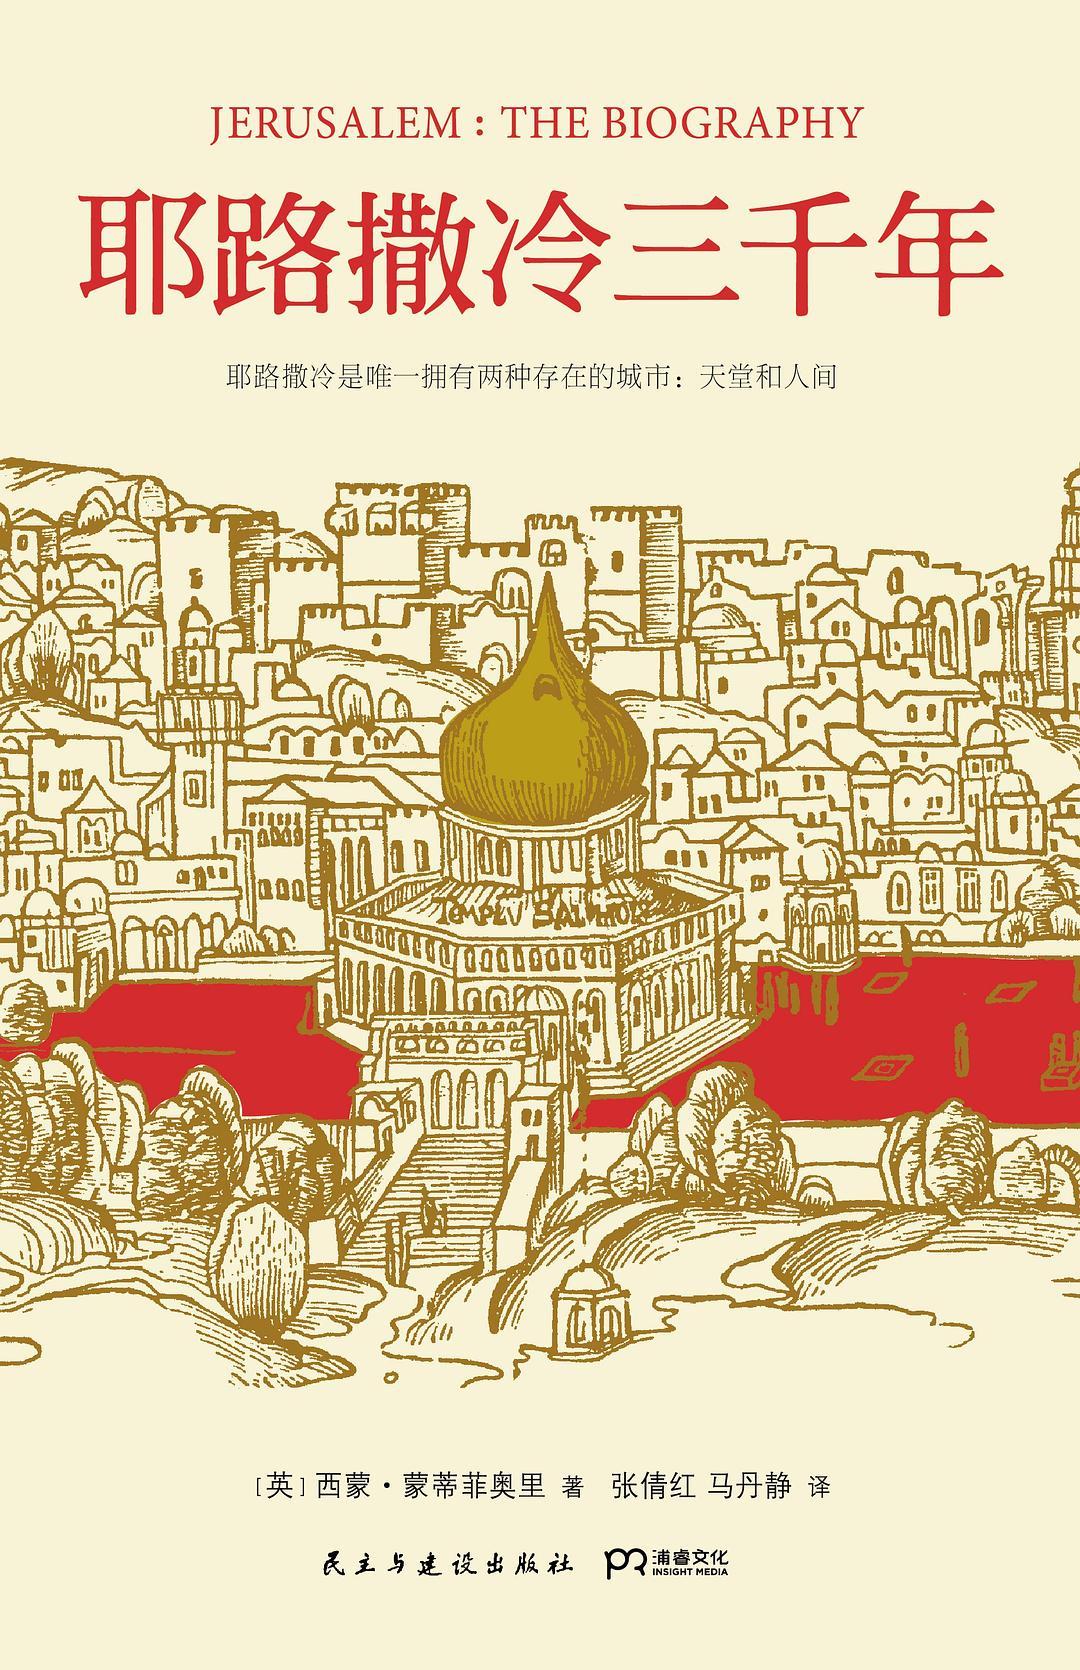 推荐阅读 |《耶路撒冷三千年》了解真实的耶路撒冷